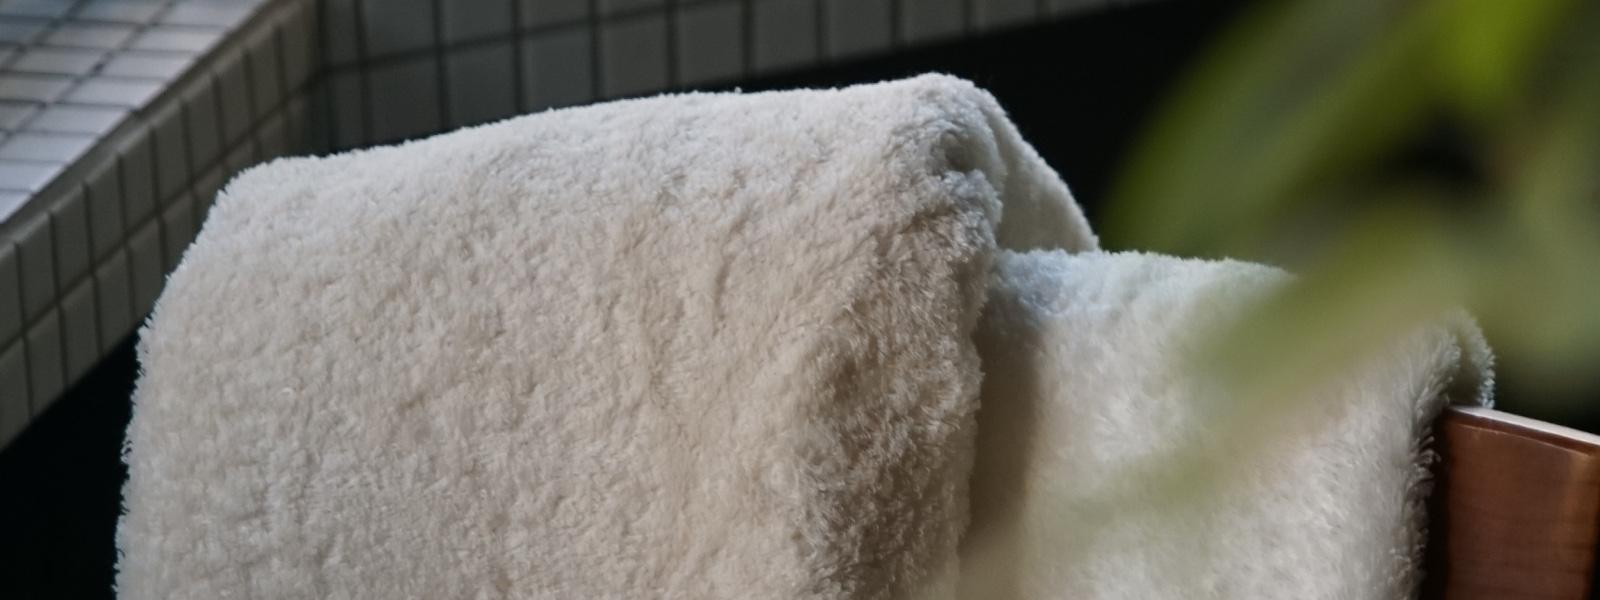 水布人舎 バスタオル画像